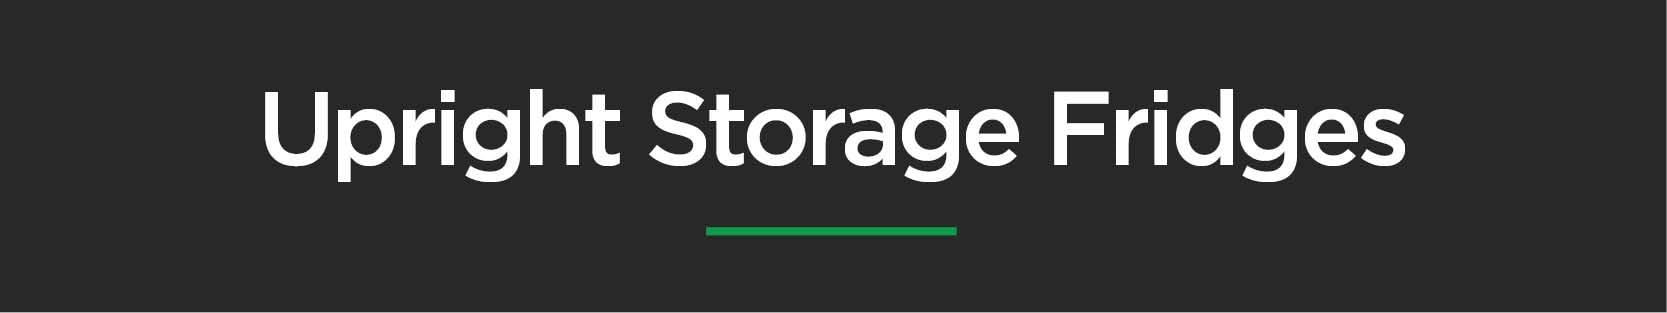 Upright Storage Fridges